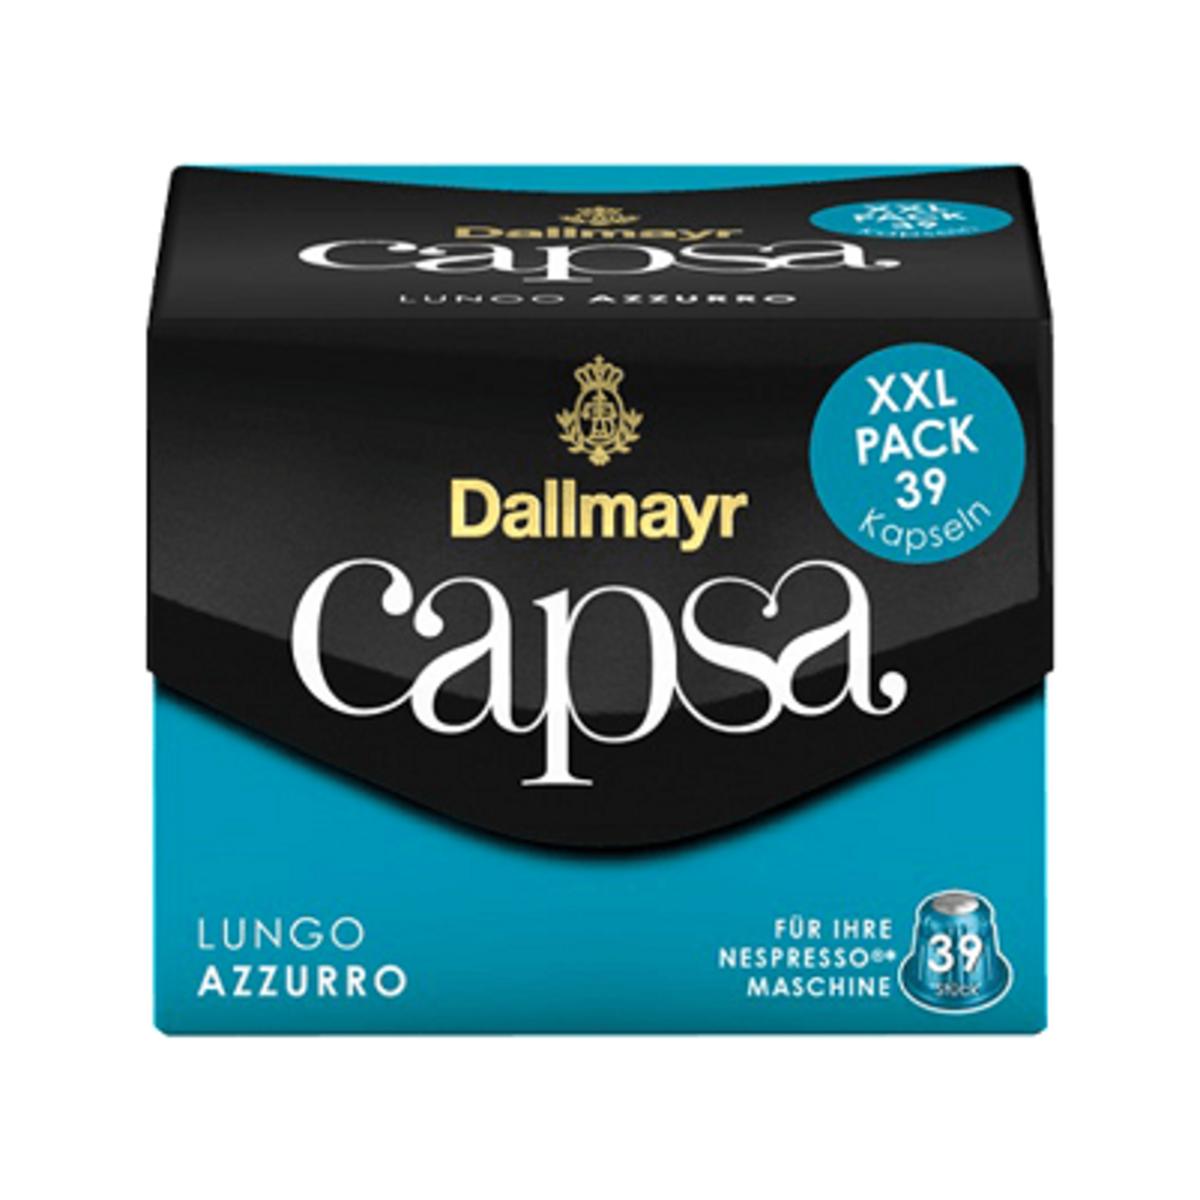 Dallmayr Lungo Azzurro 39бр Nespresso съвместими капсули